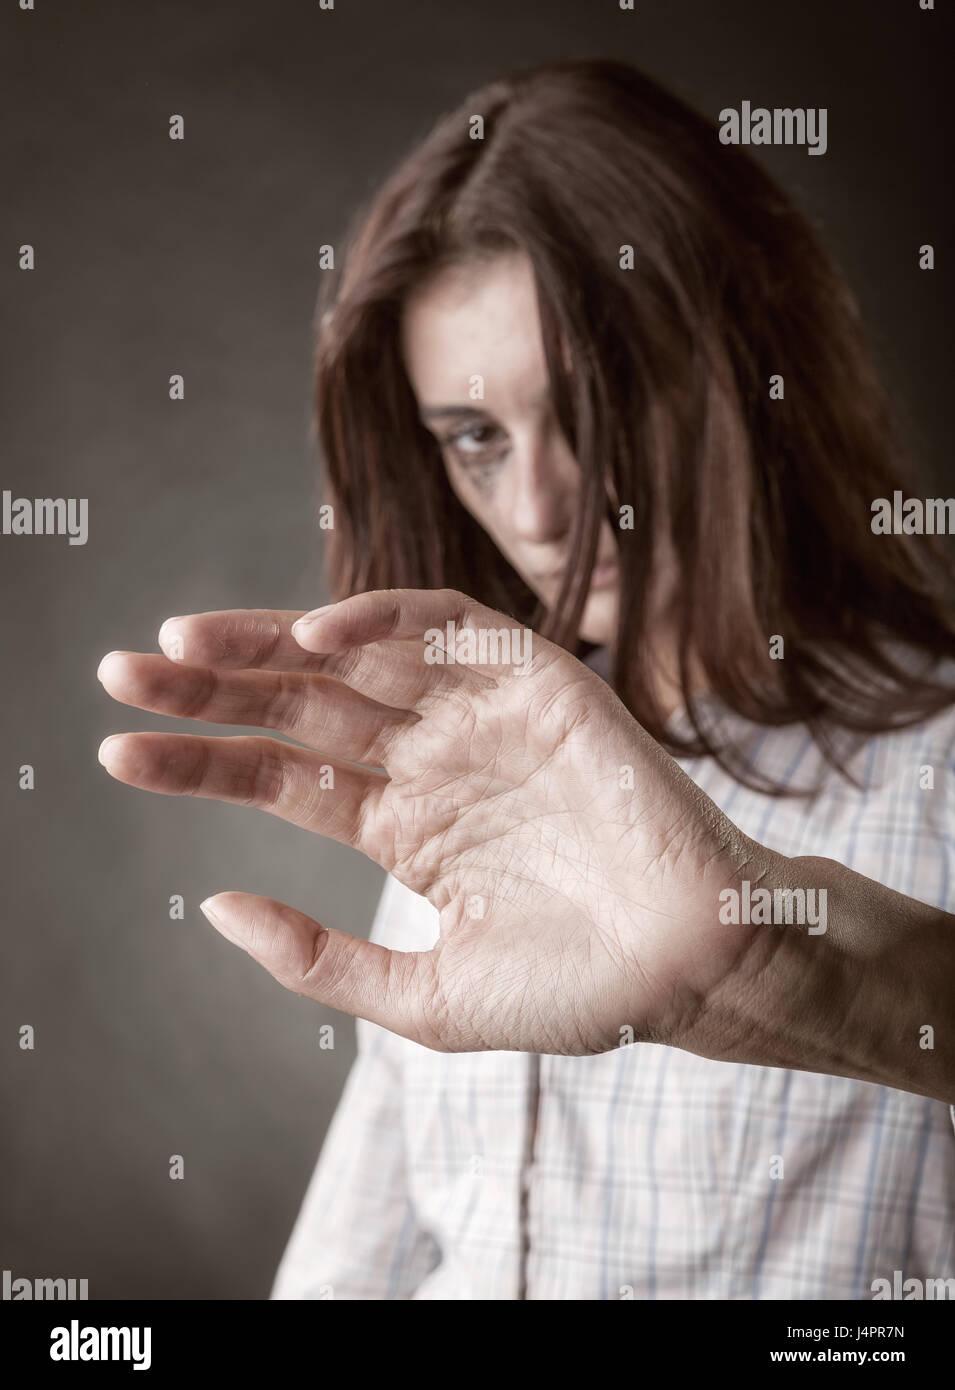 Schöne Frau Opfer von häuslicher Gewalt und Missbrauch. Konzentrieren Sie sich auf Seite Stockbild